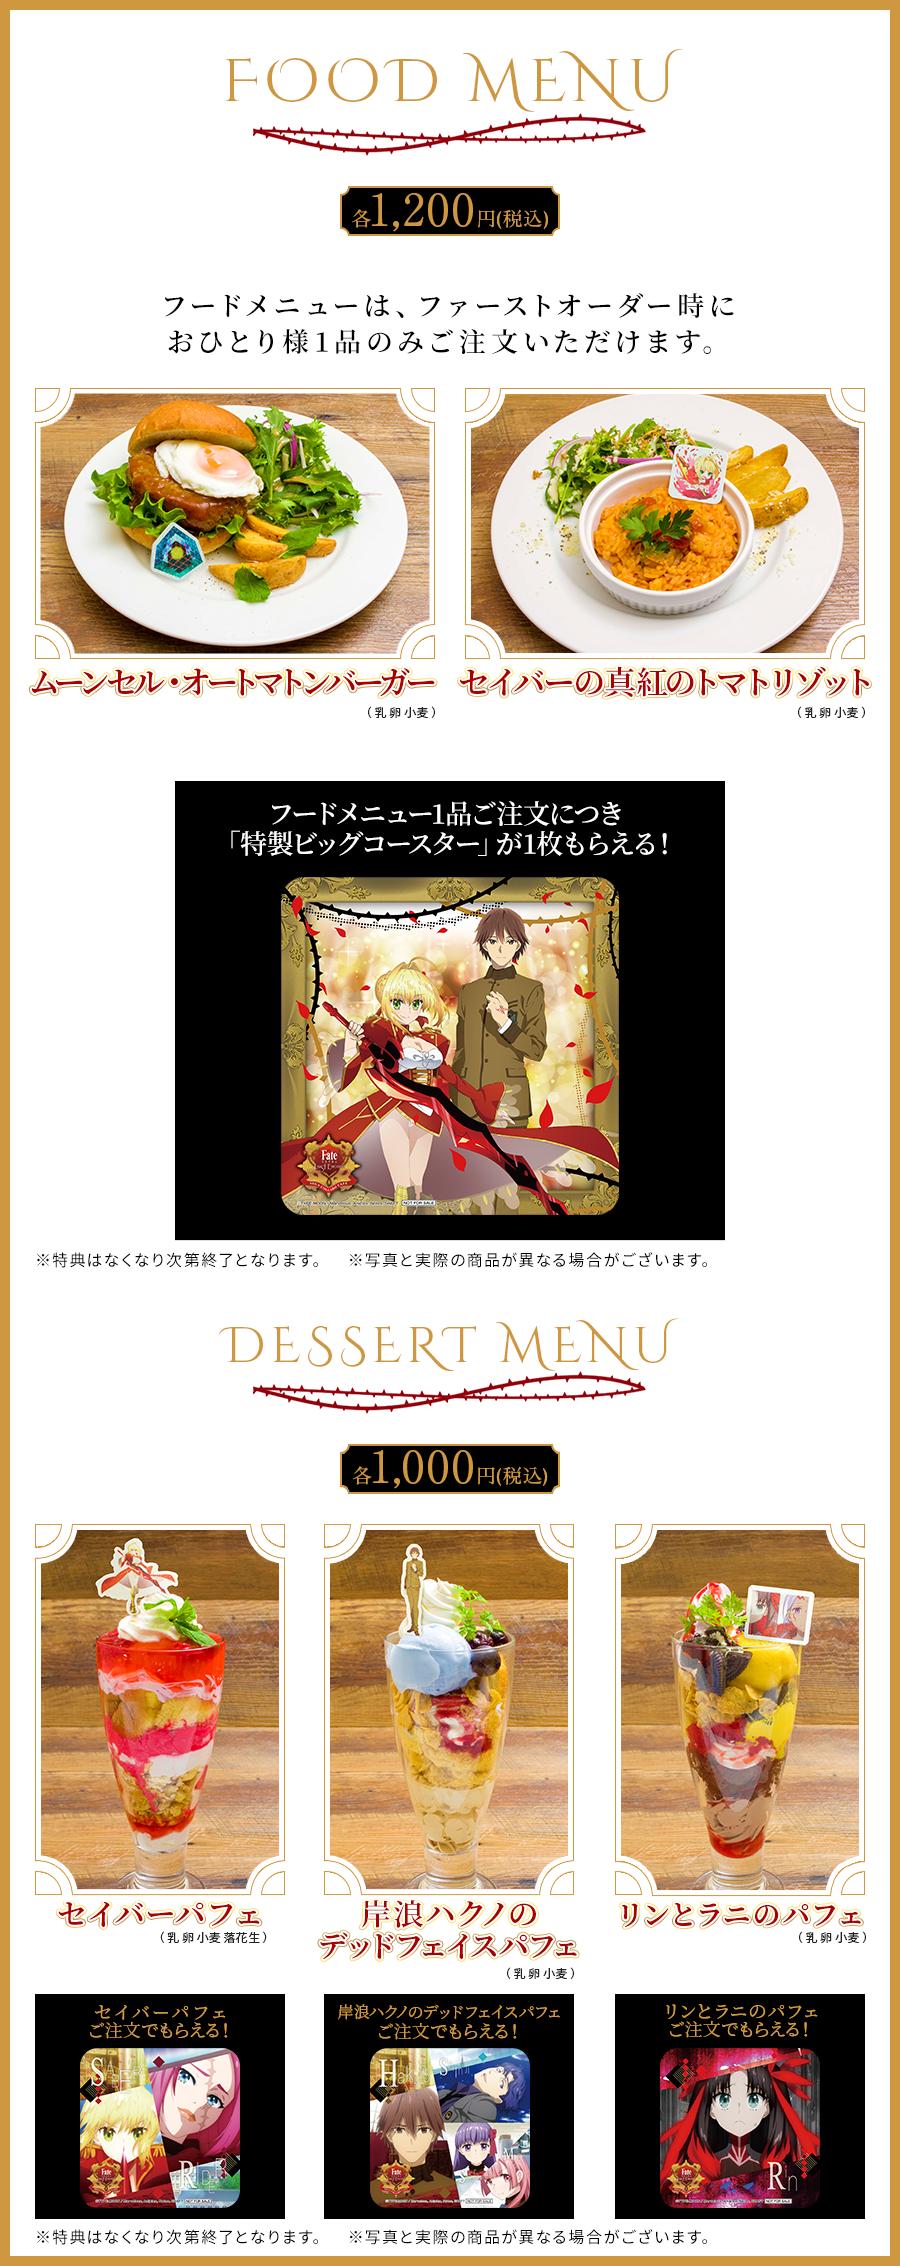 menu01_food.png